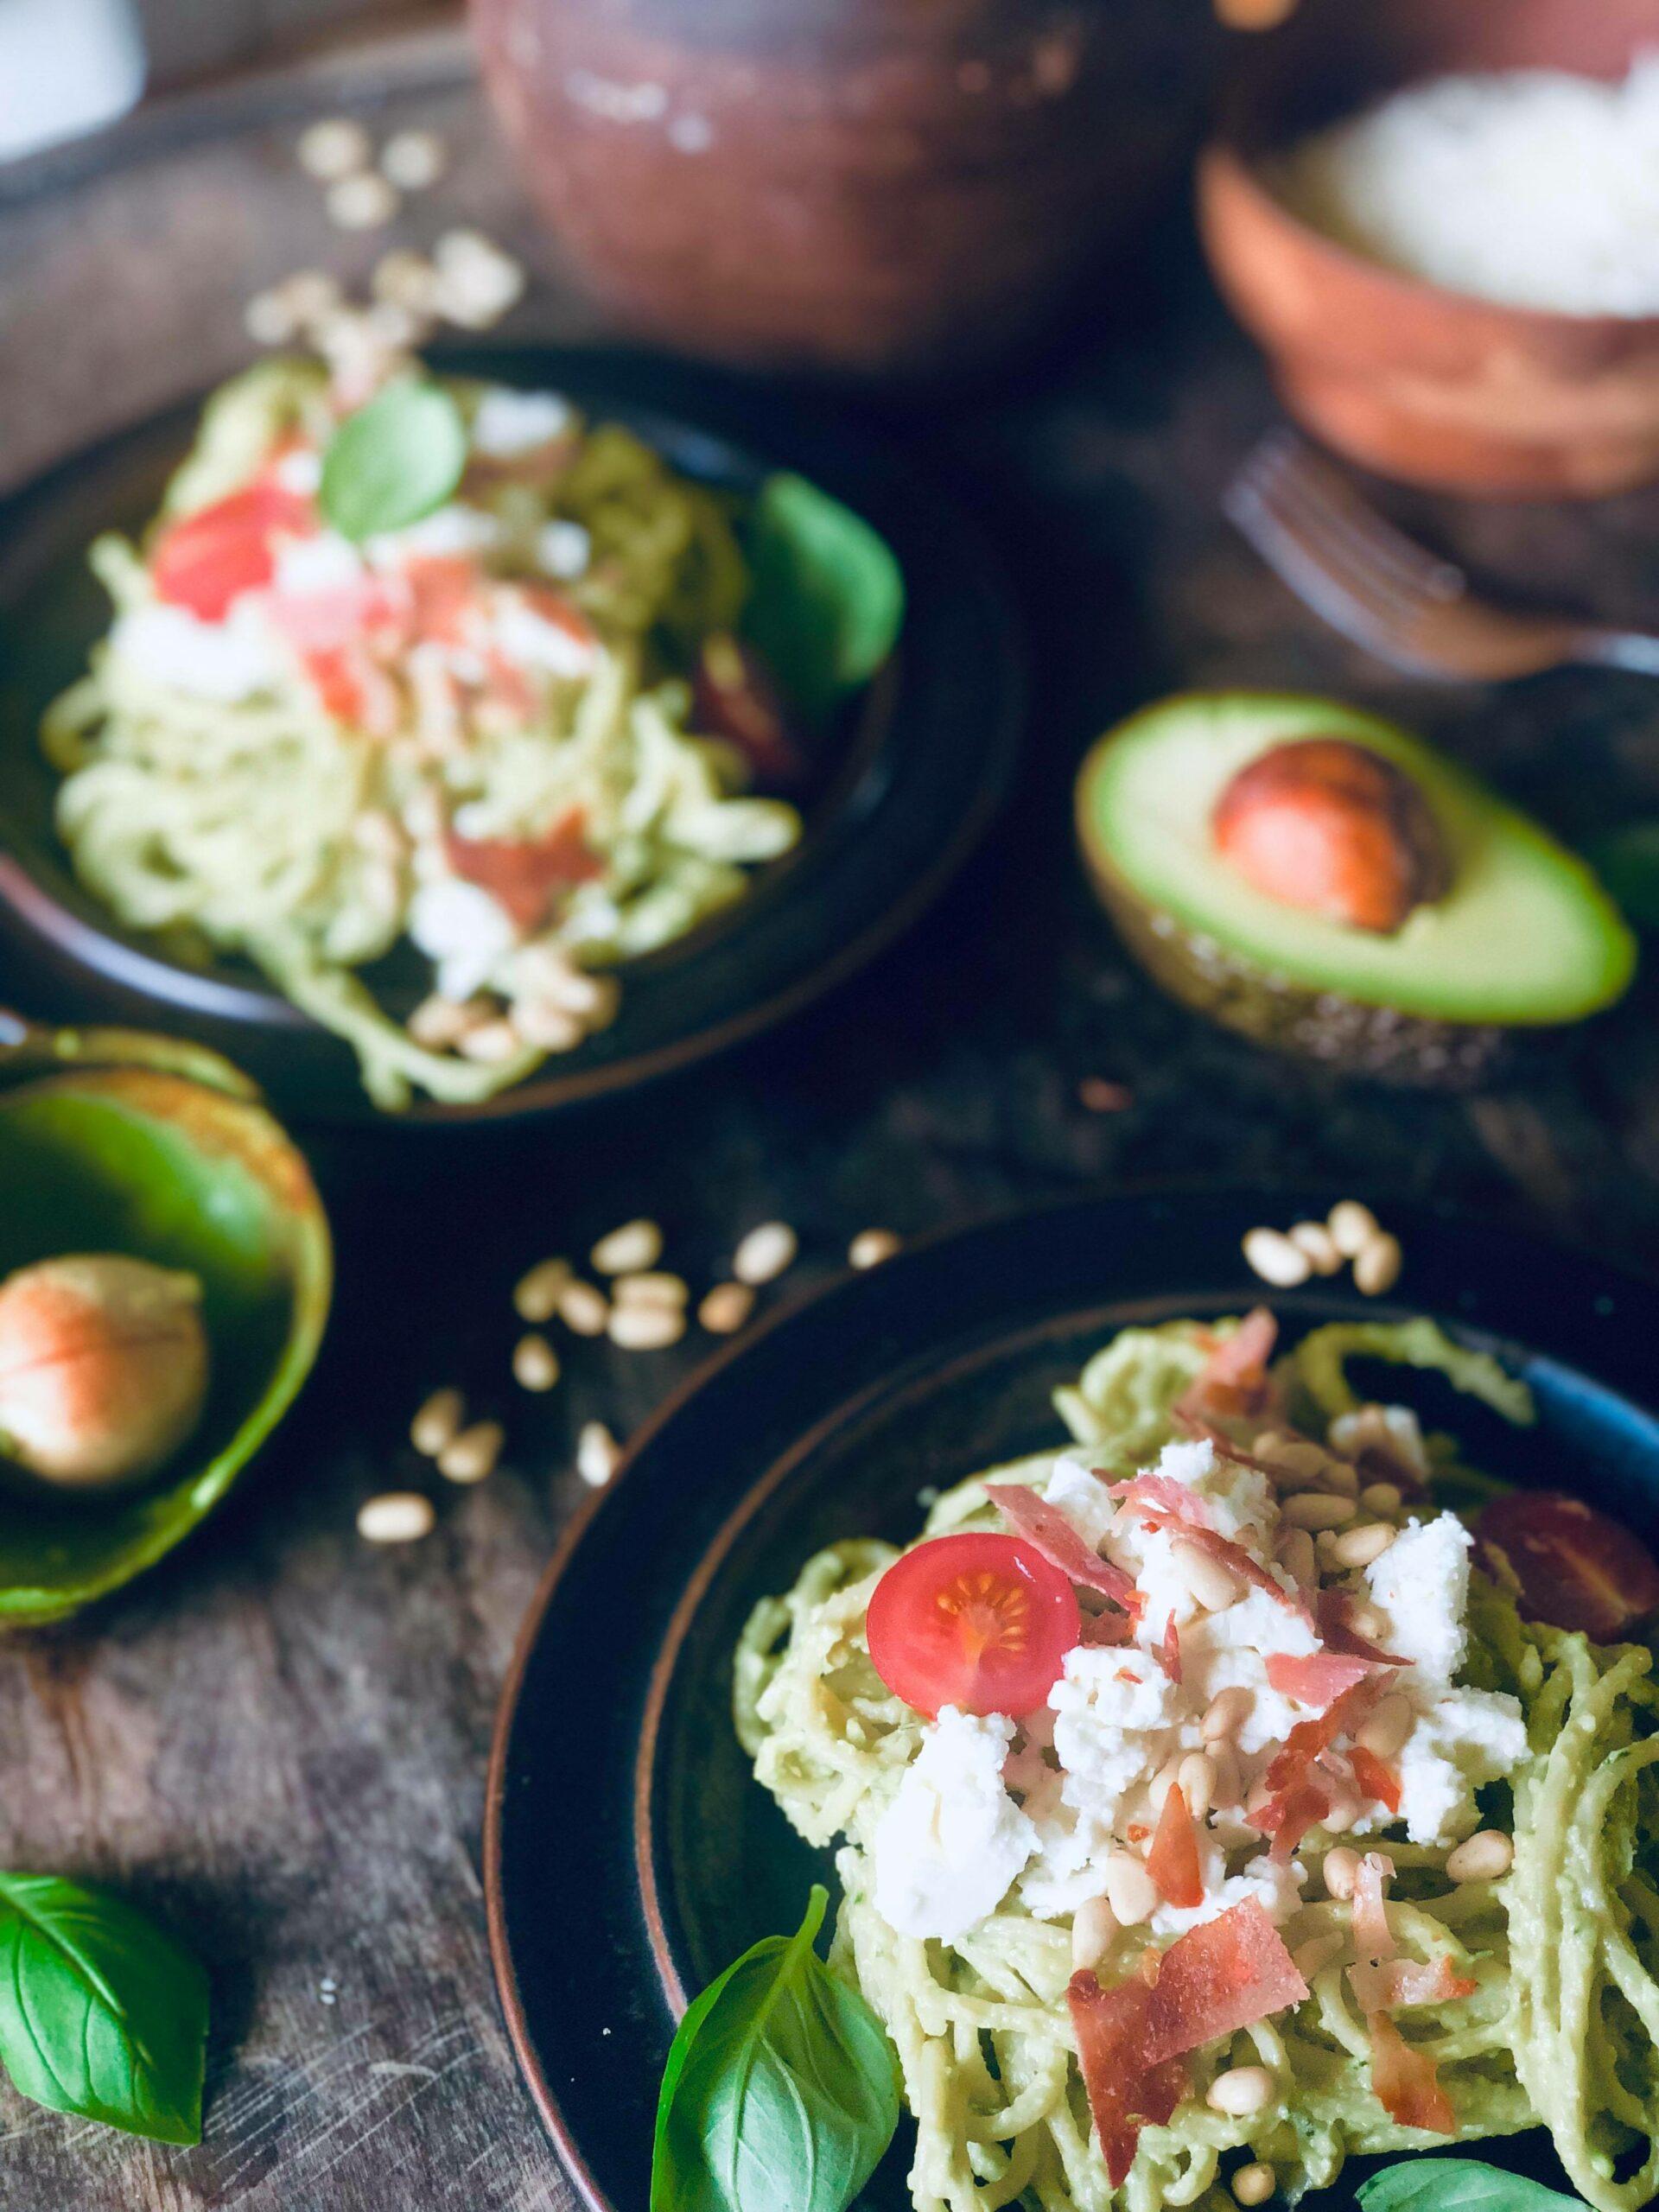 Creamy avokadopasta, med spaghetti med avokado, fetaost, spekeskinke, tomater og pinjekjerner